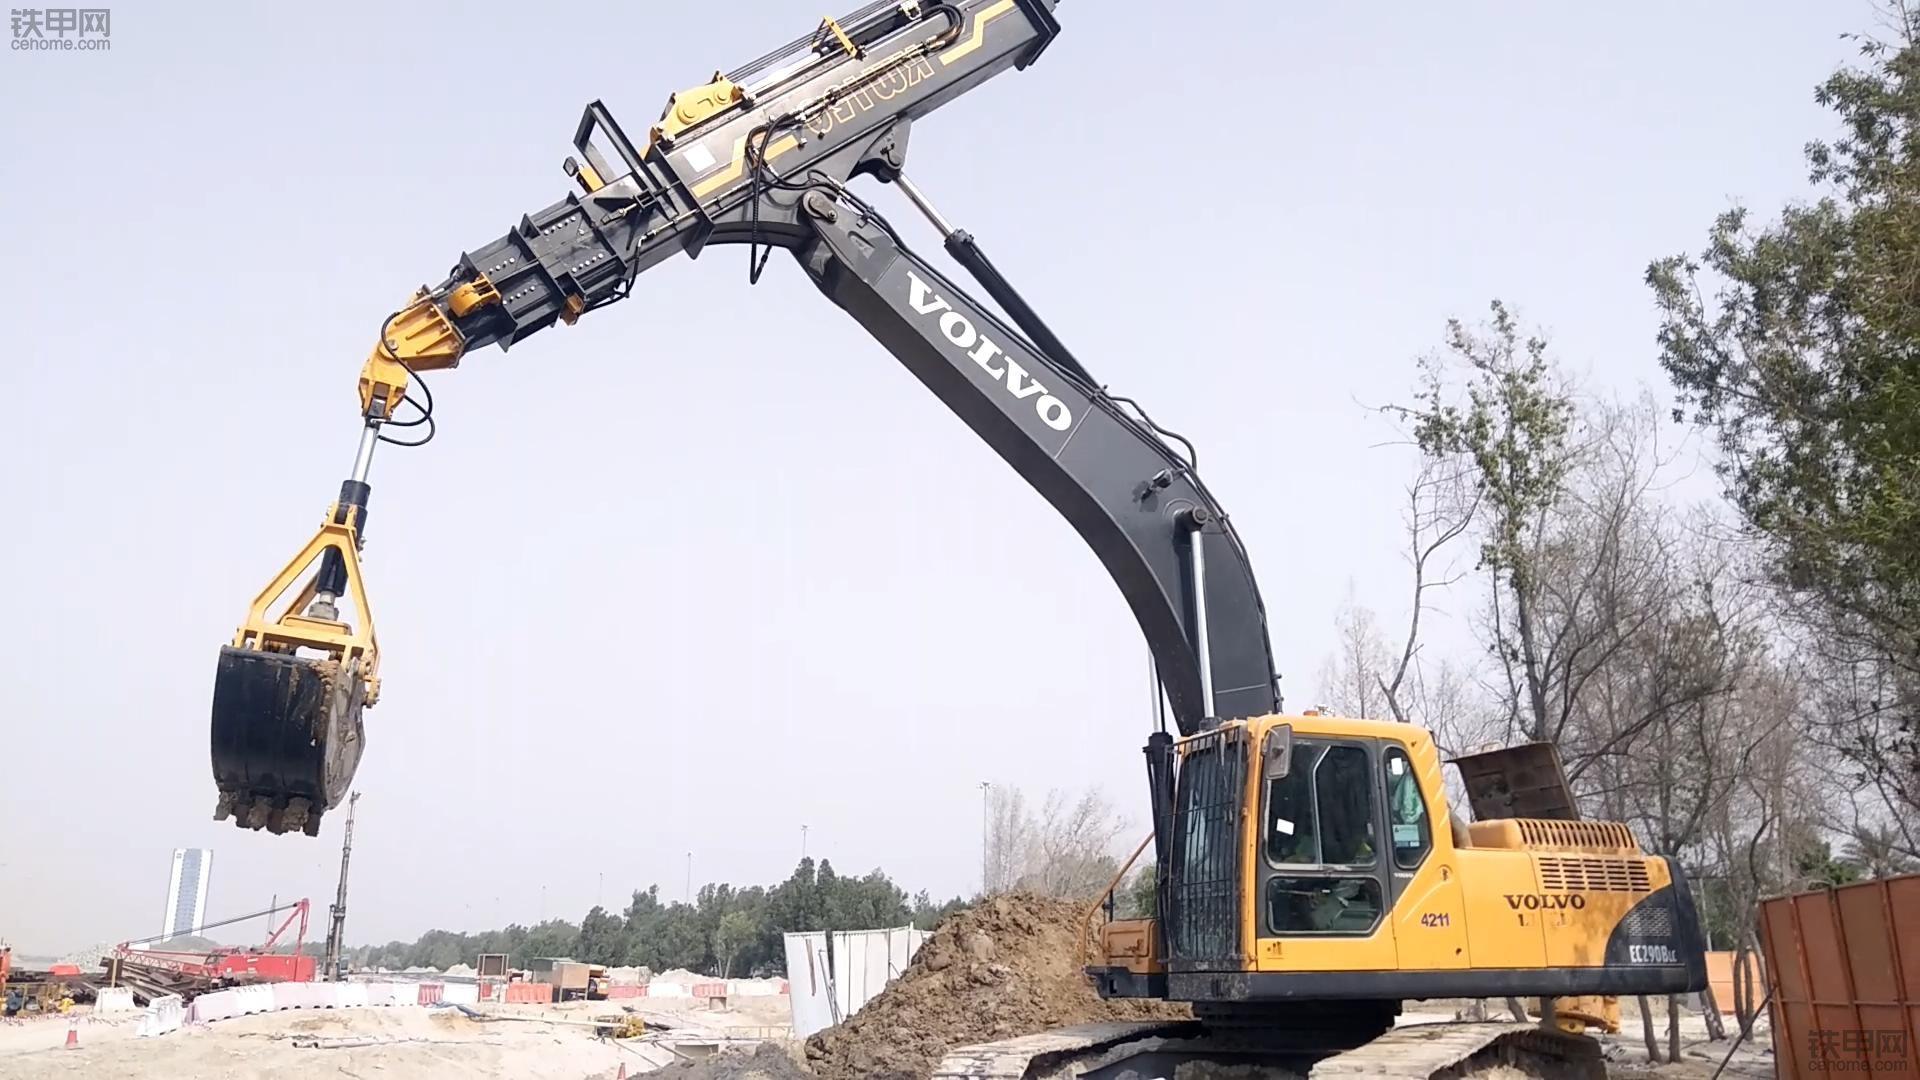 这挖机手够长啊!VOLVO挖机改伸缩臂抓斗,深坑取土利器